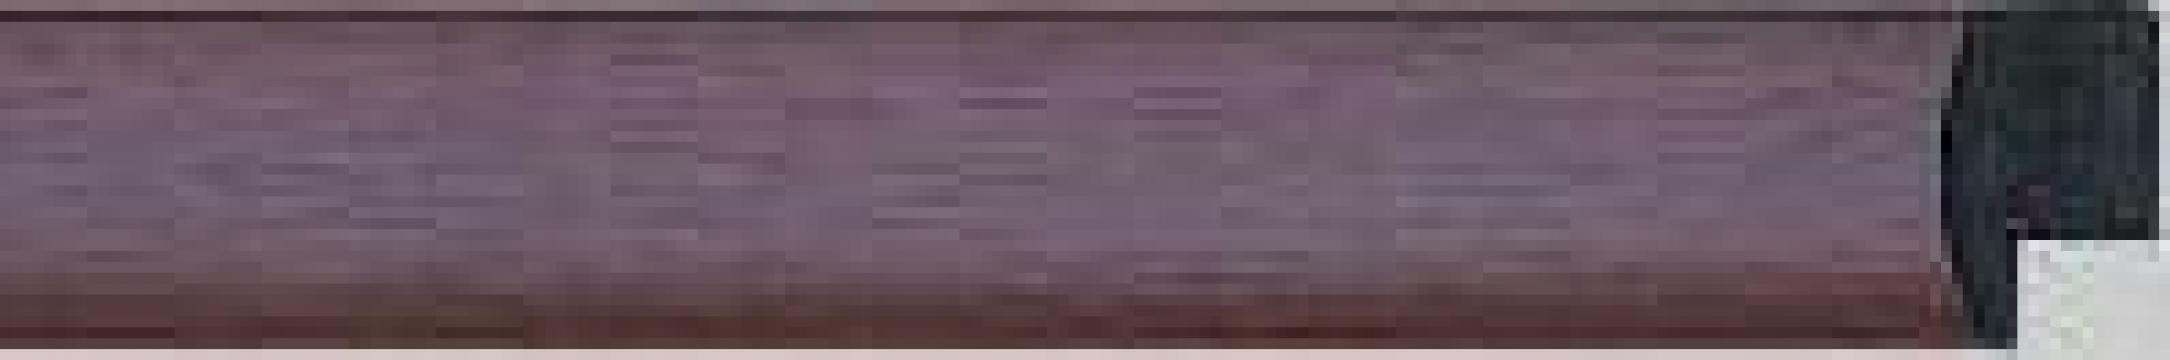 Profil sintetic pentru rama, tablou